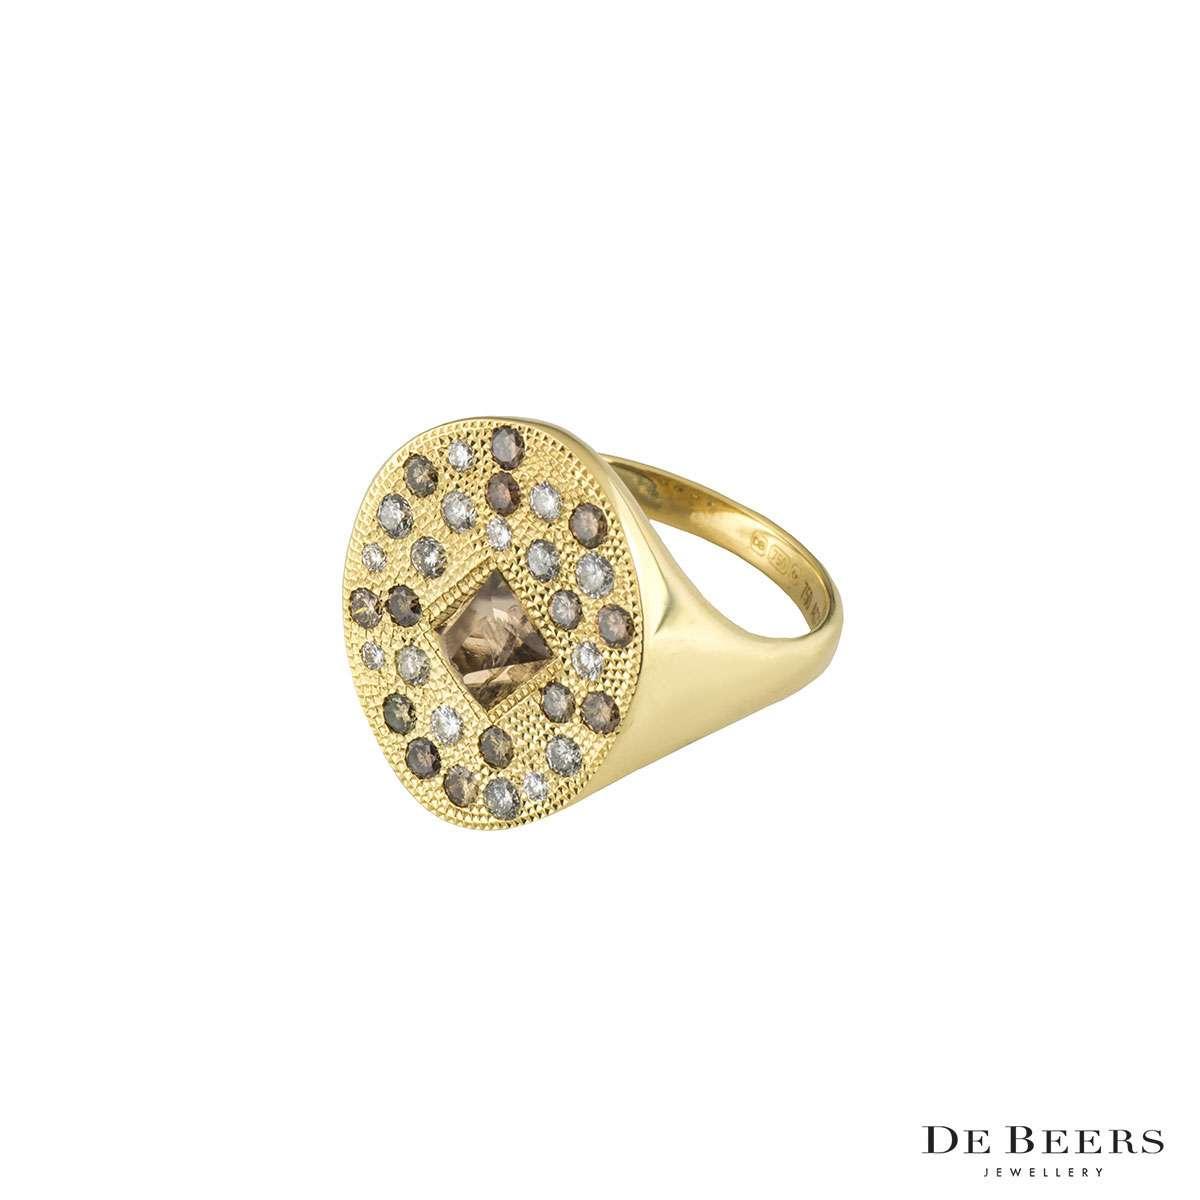 De Beers Diamond Ring S